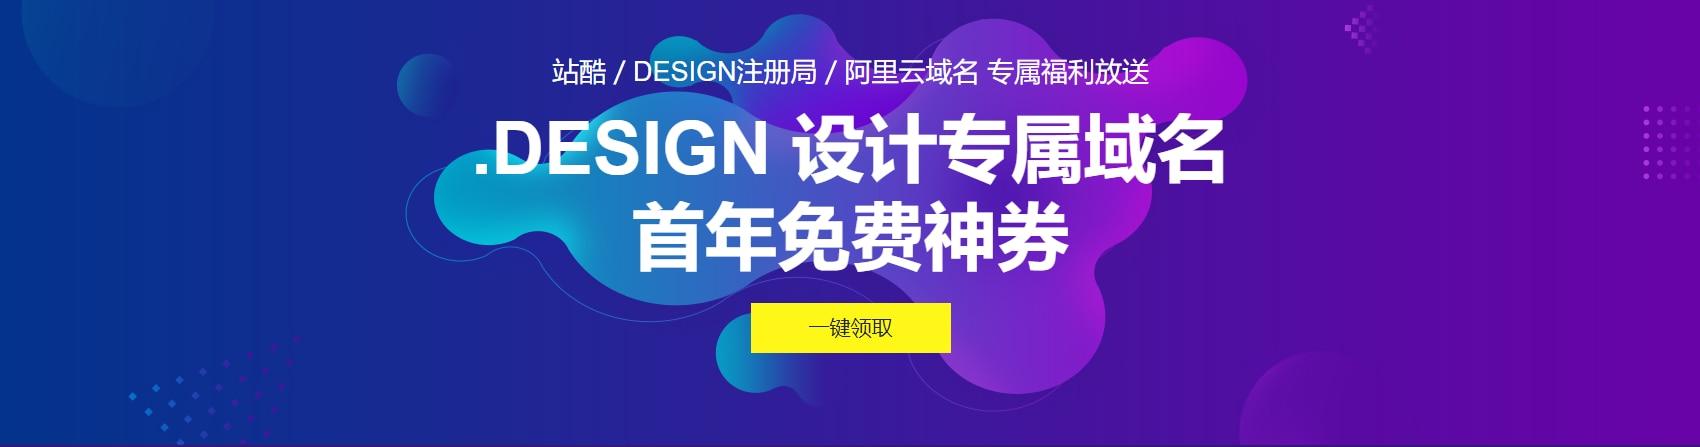 阿里云免费领取一年 .DESIGN 设计专属域名 : Design 2019 third